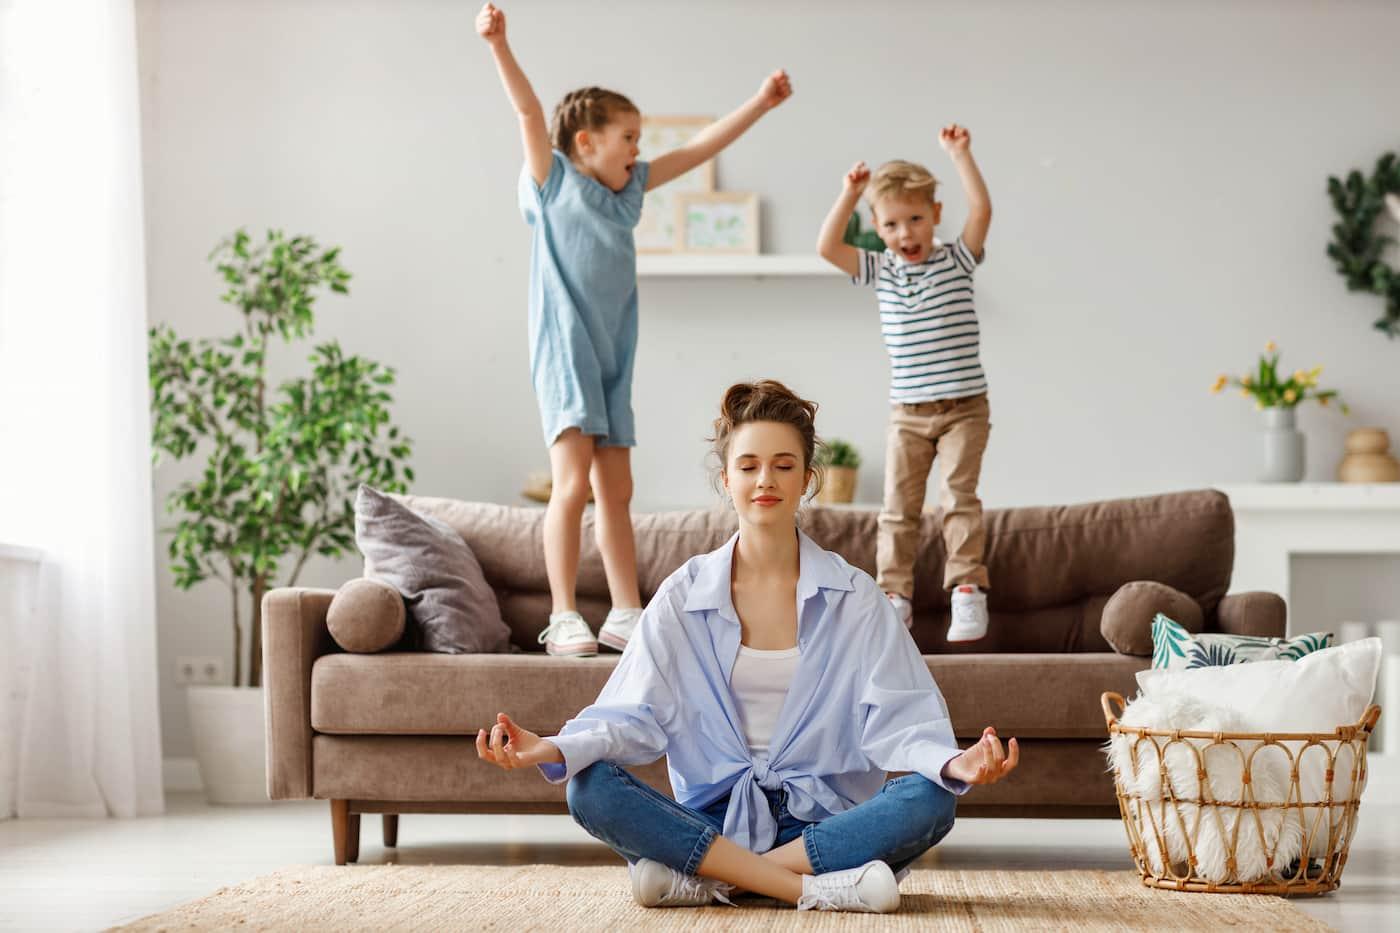 Το καλύτερο πράγμα που μπορείς να κάνεις για το παιδί σου; Να φροντίσεις εσένα